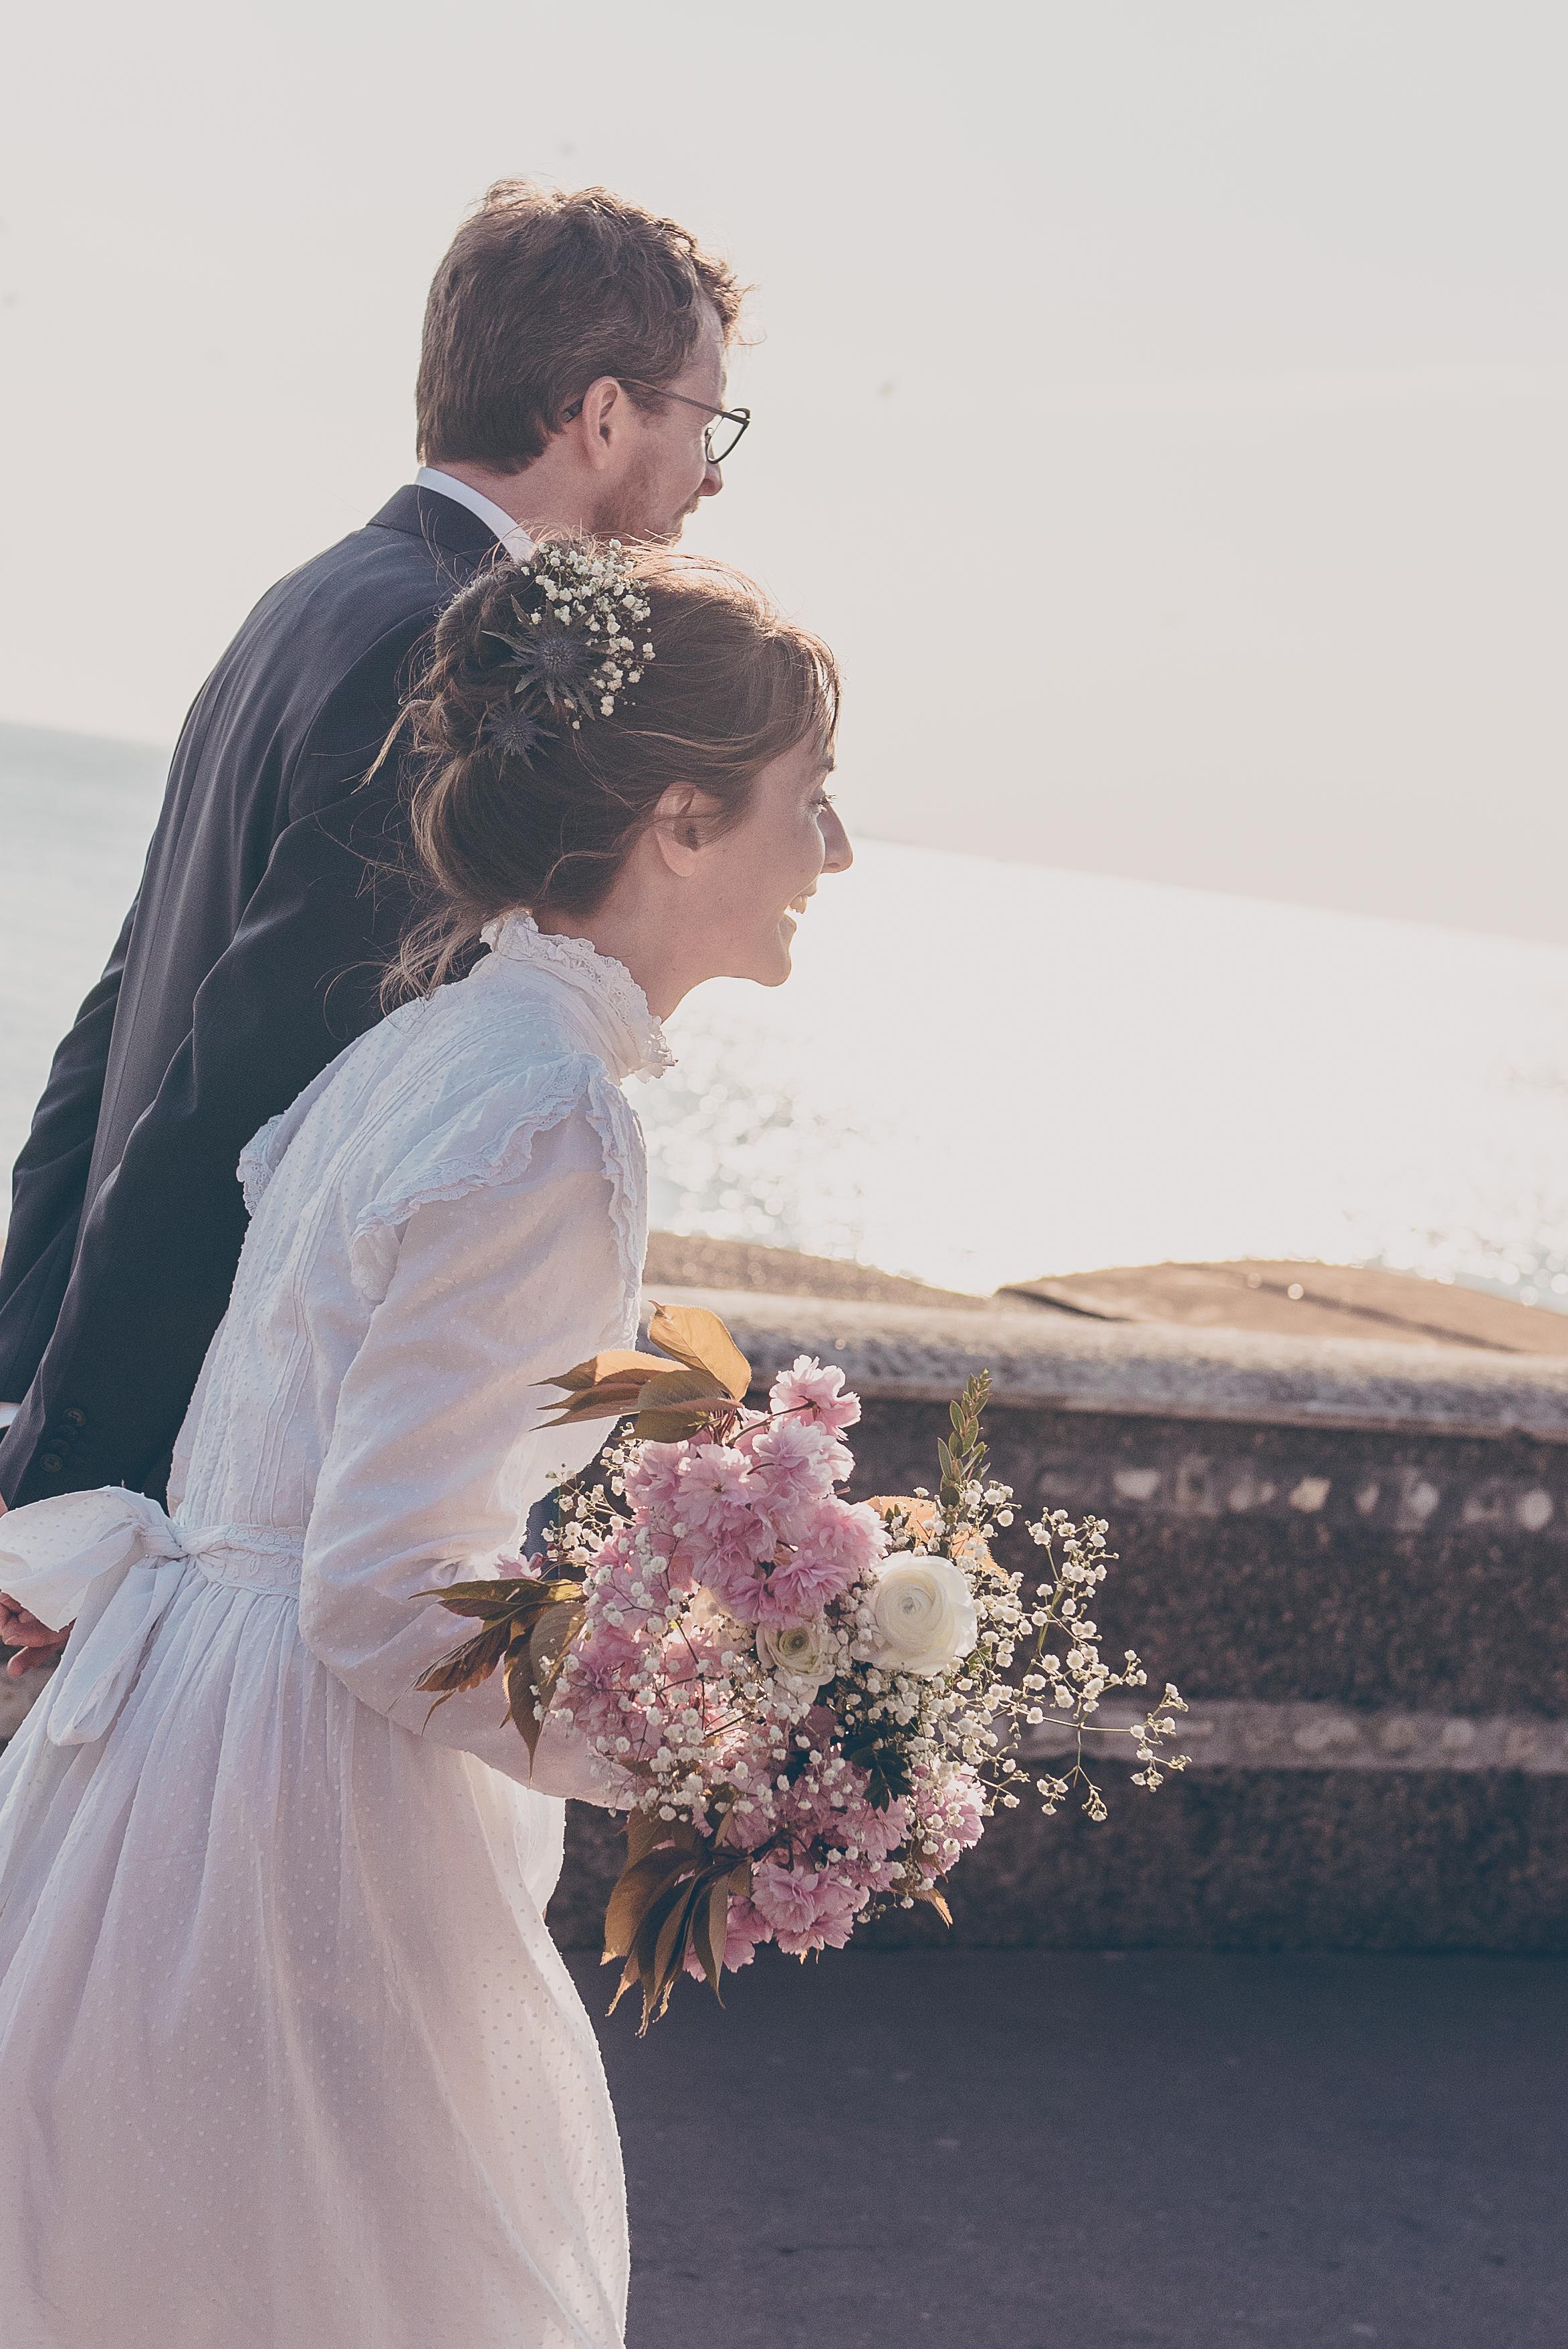 mariage palais des régates Le Havre, Mariage Palais des Régates le Havre – Extrait – Valentine & Camille